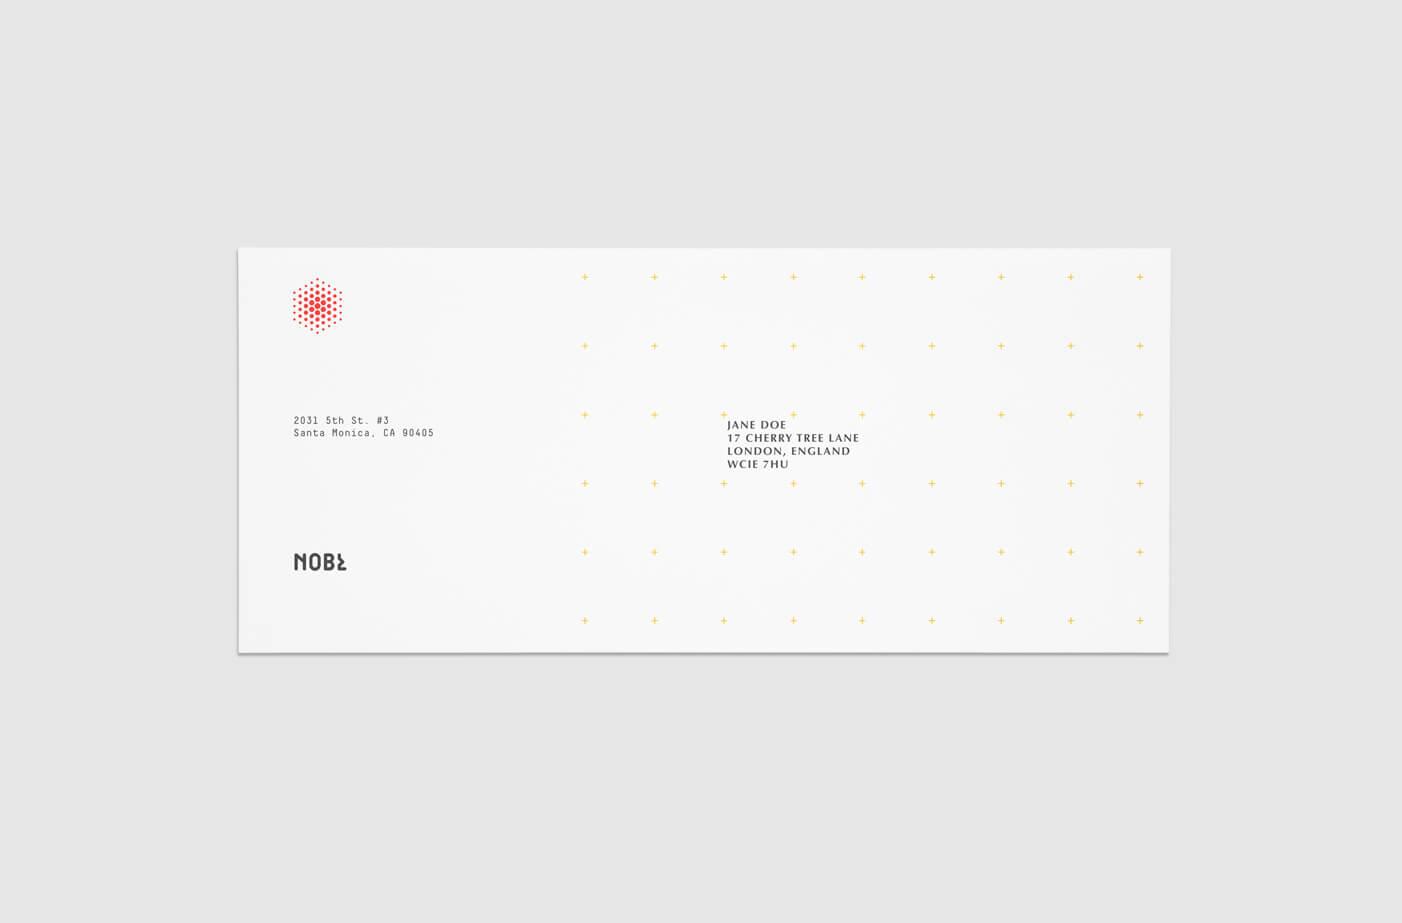 NOBL_PI_7